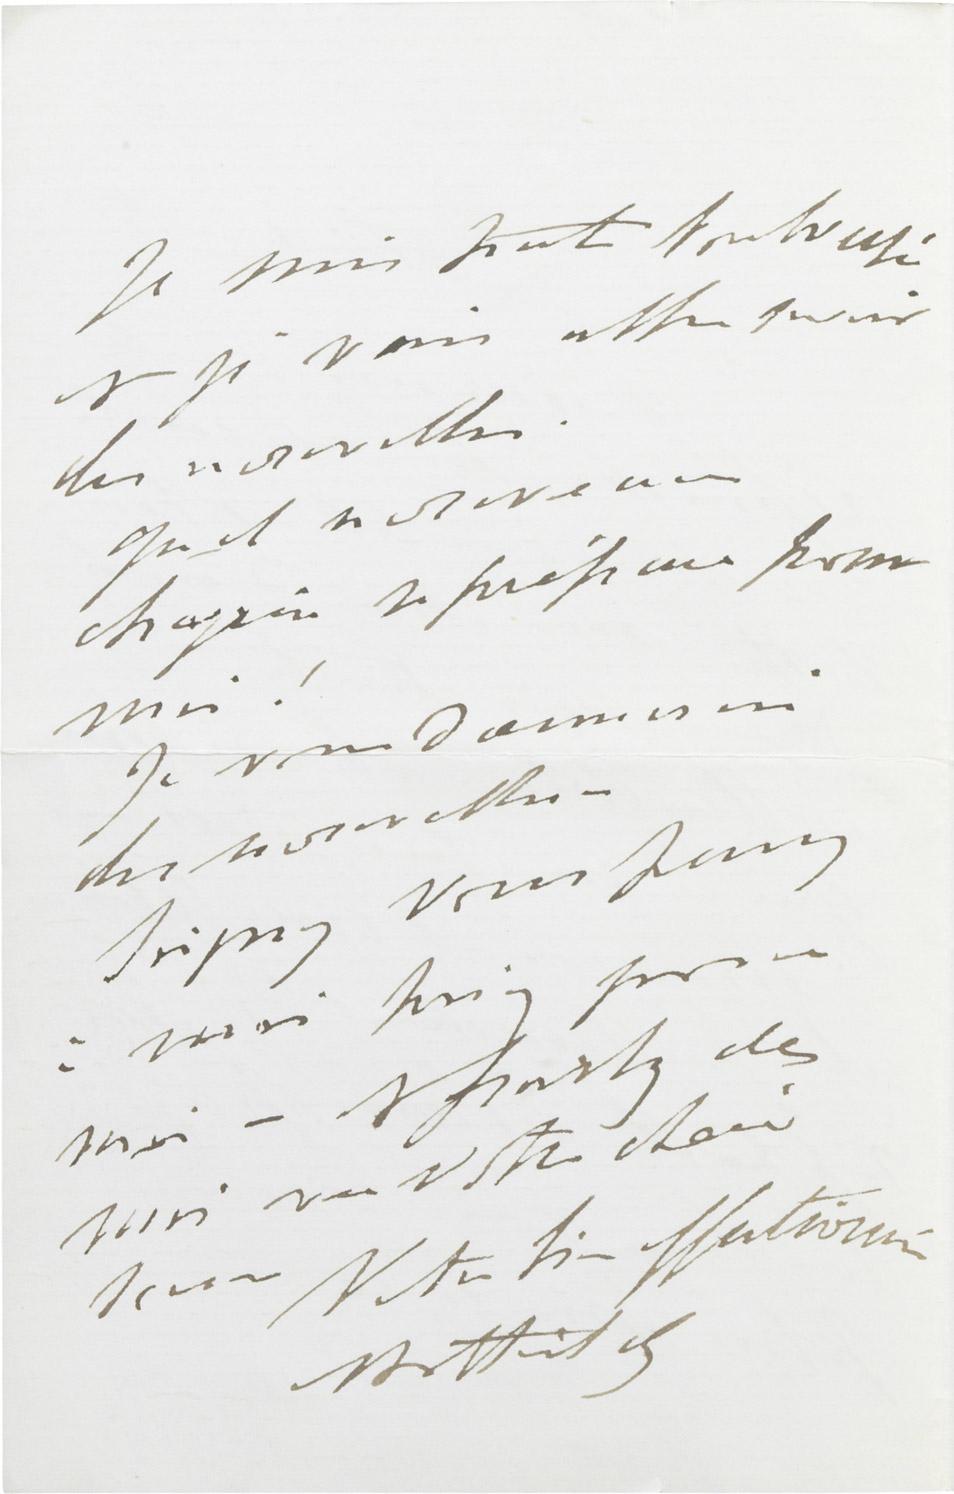 Lettre de la princesse Mathilde à Dinah Félix - Patrimoine Charles-André COLONNA WALEWSKI, en ligne directe de Napoléon